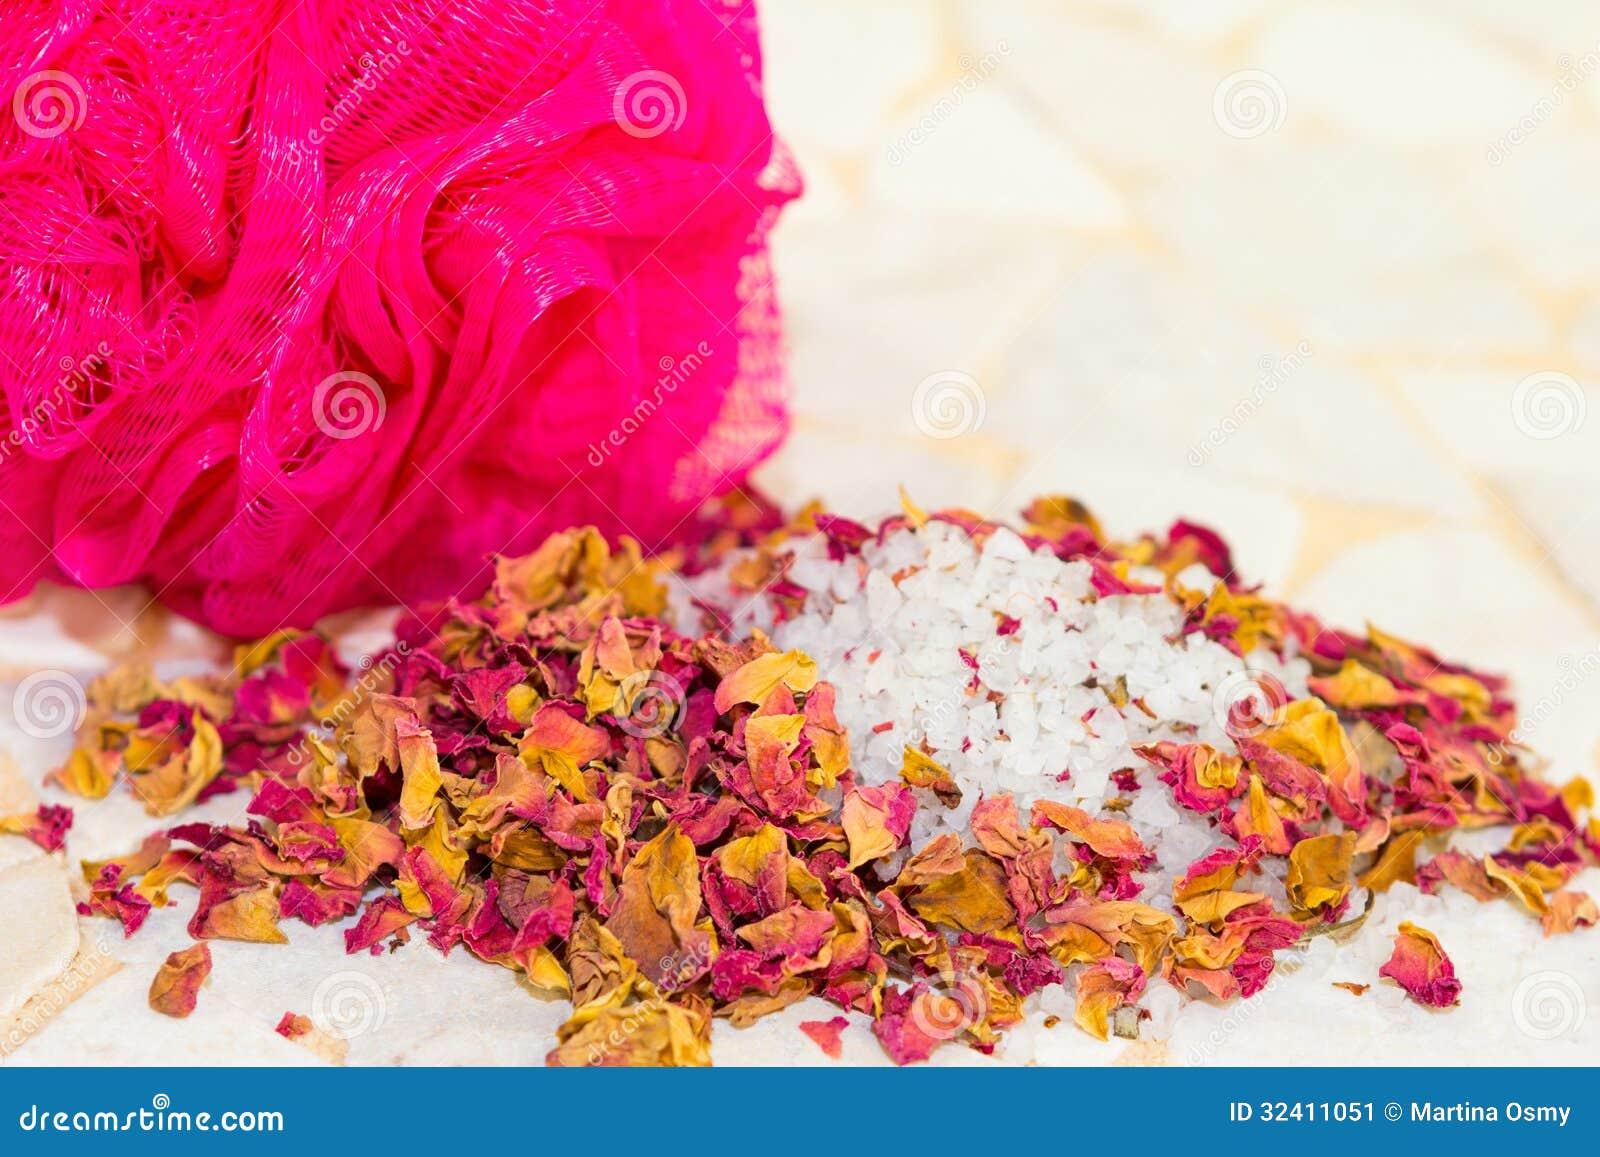 Petali rosa e sali da bagno profumati in una stazione - Sali da bagno effetti ...